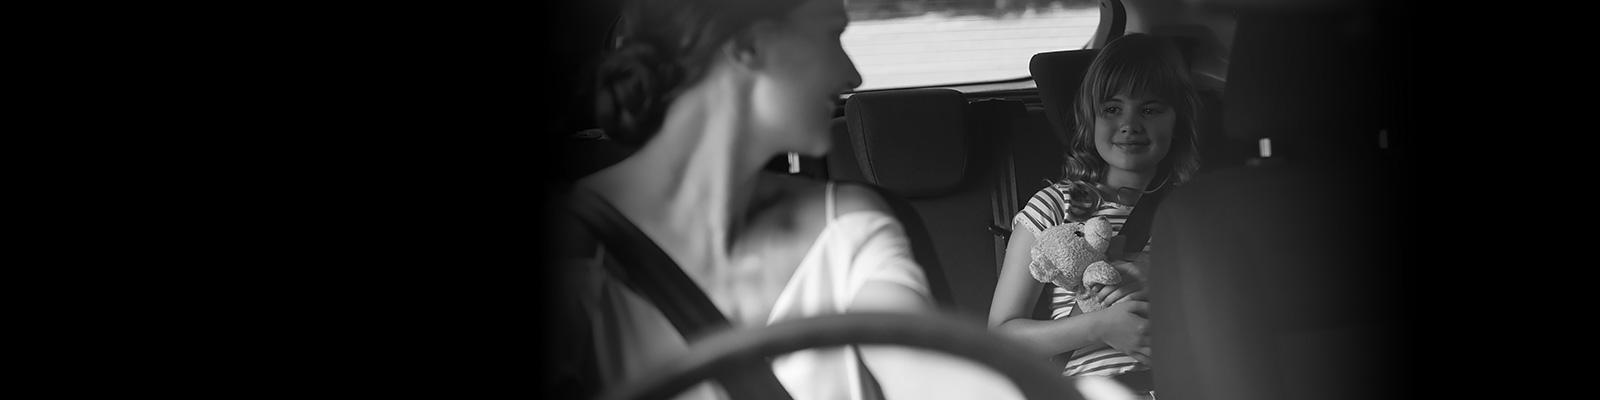 自動車 車内 子供 プライバシー イメージ